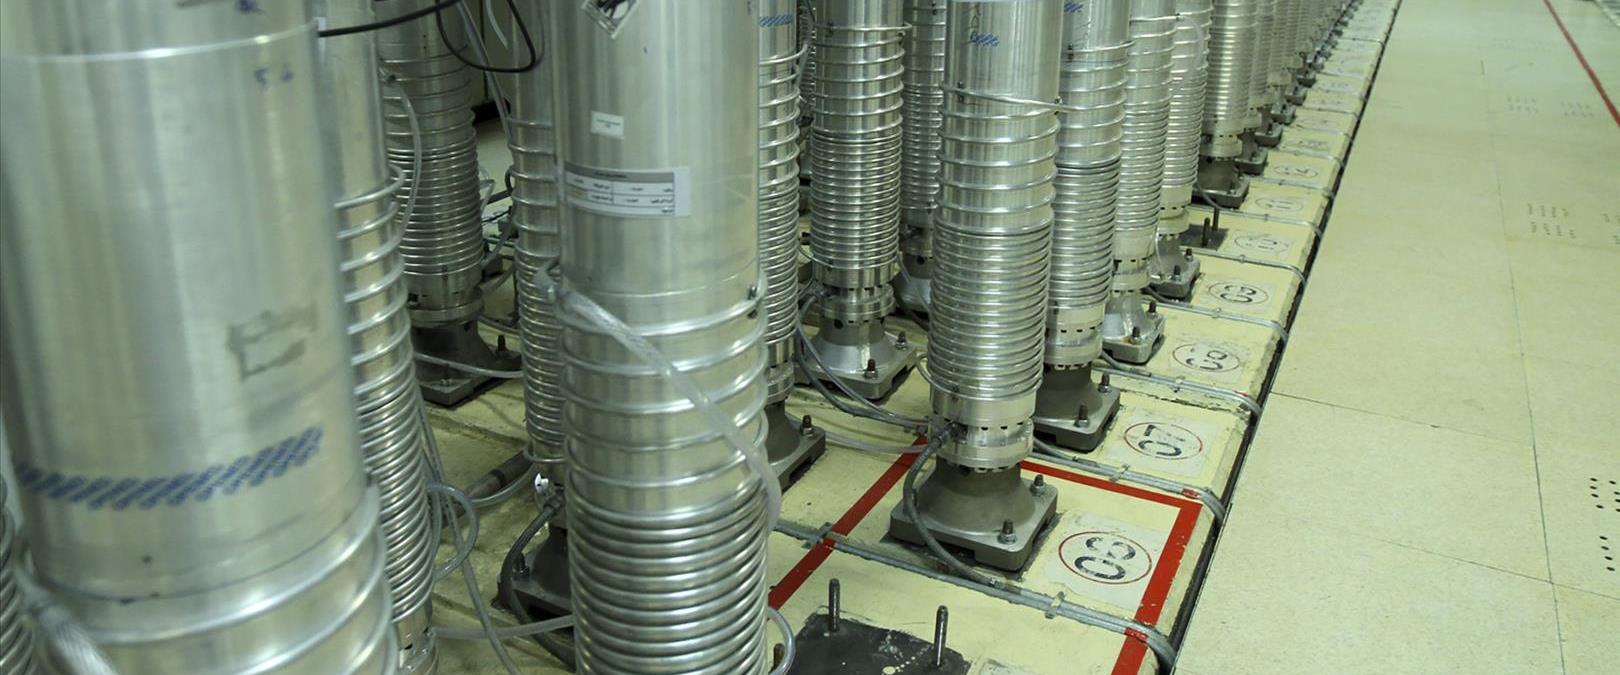 מתקן הגרעין בנתנז שבמרכז איראן, שלשום